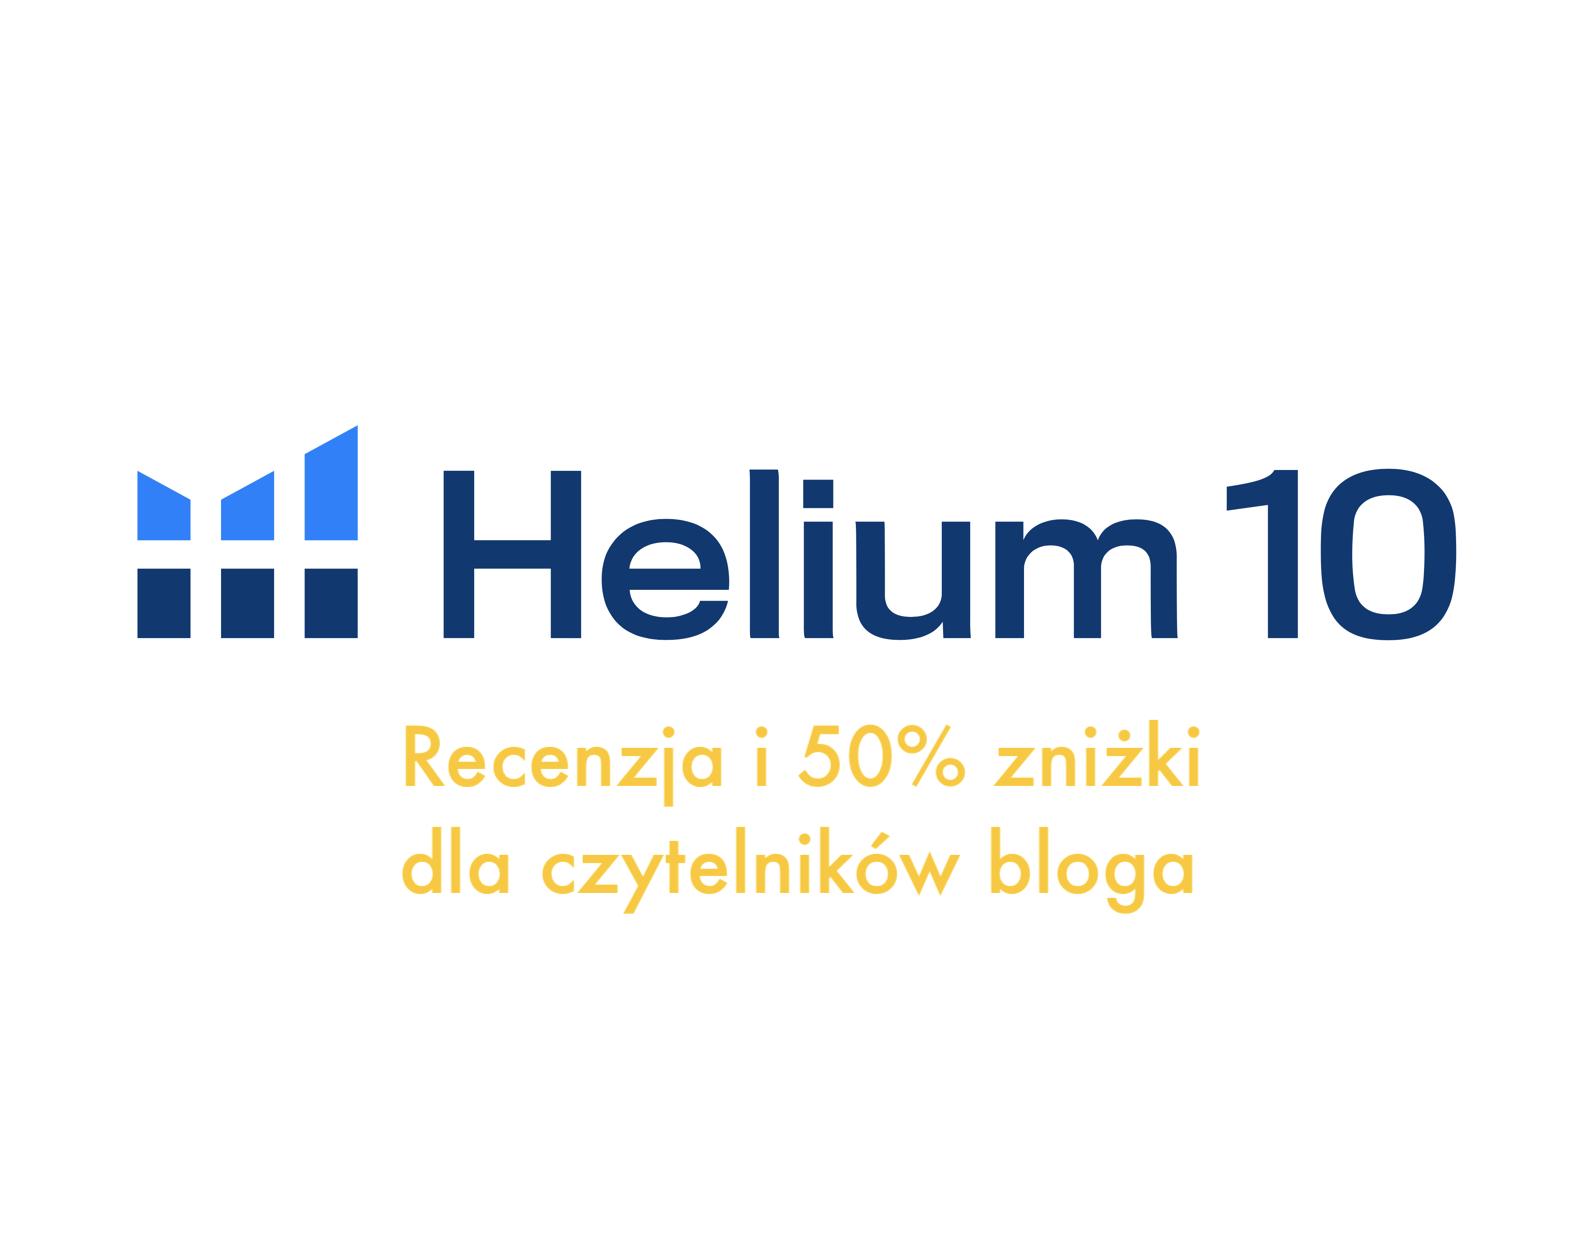 Helium 10 - Recenzja - Kupon zniżkowy